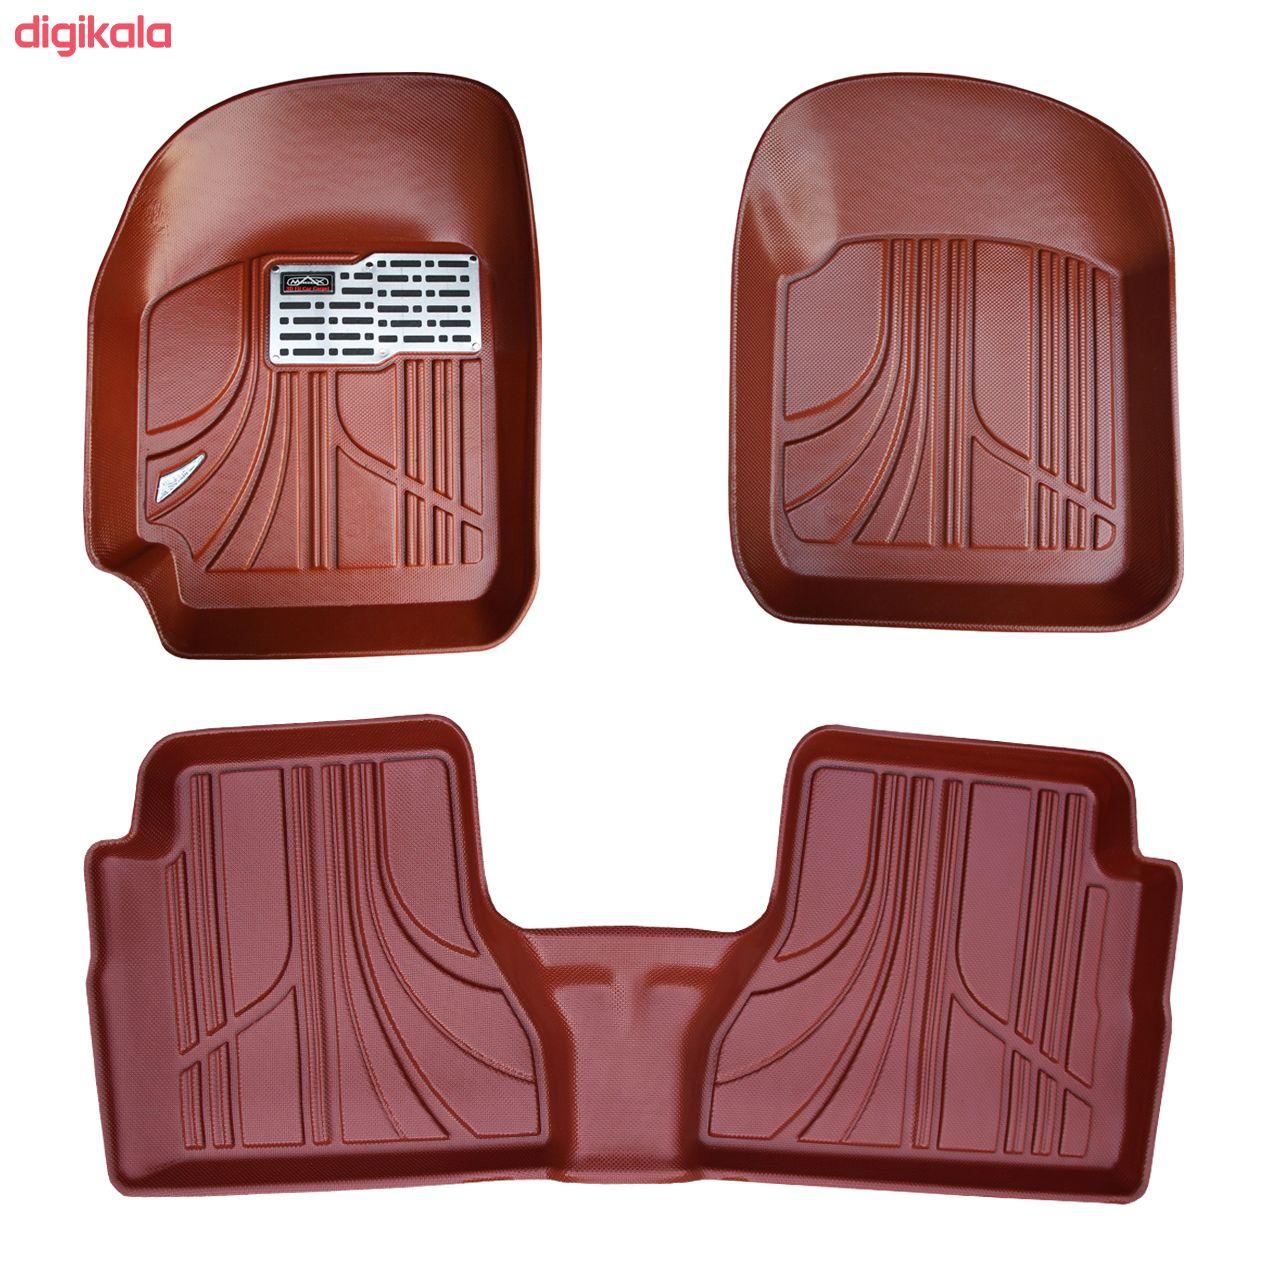 کفپوش سه بعدی خودرو مکس مدل K001 مناسب برای پراید صبا main 1 2